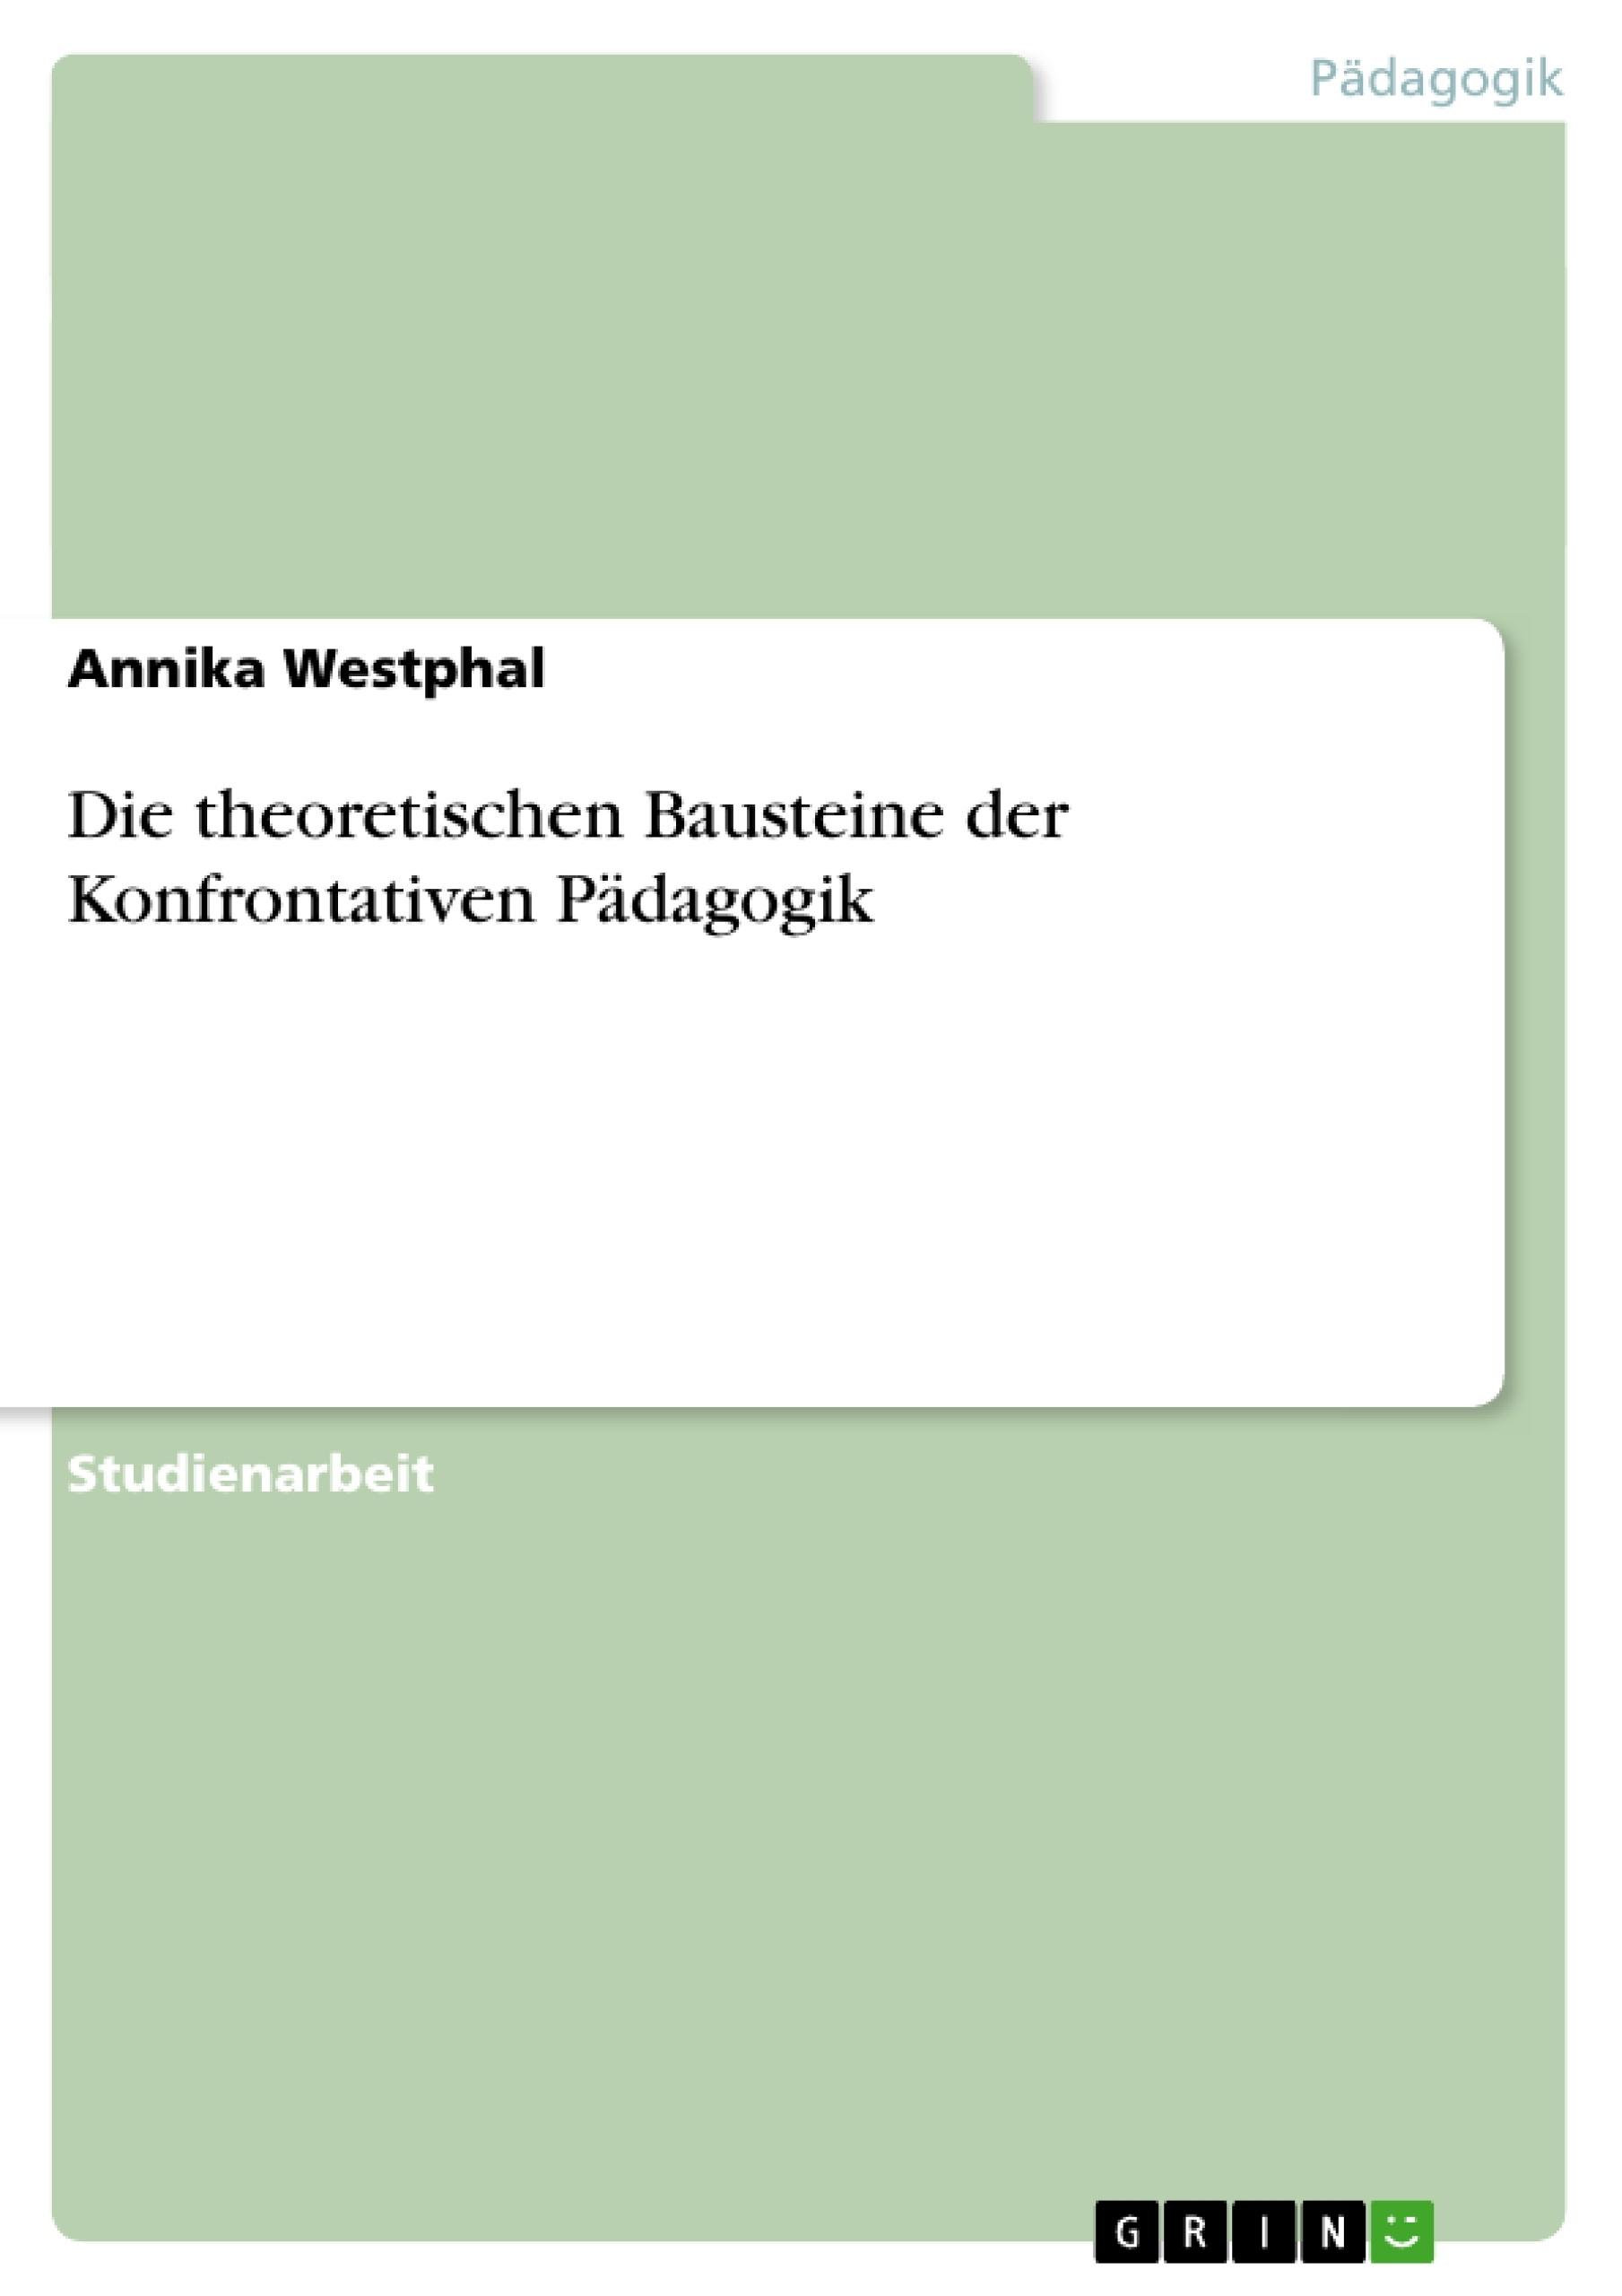 Titel: Die theoretischen Bausteine der Konfrontativen Pädagogik